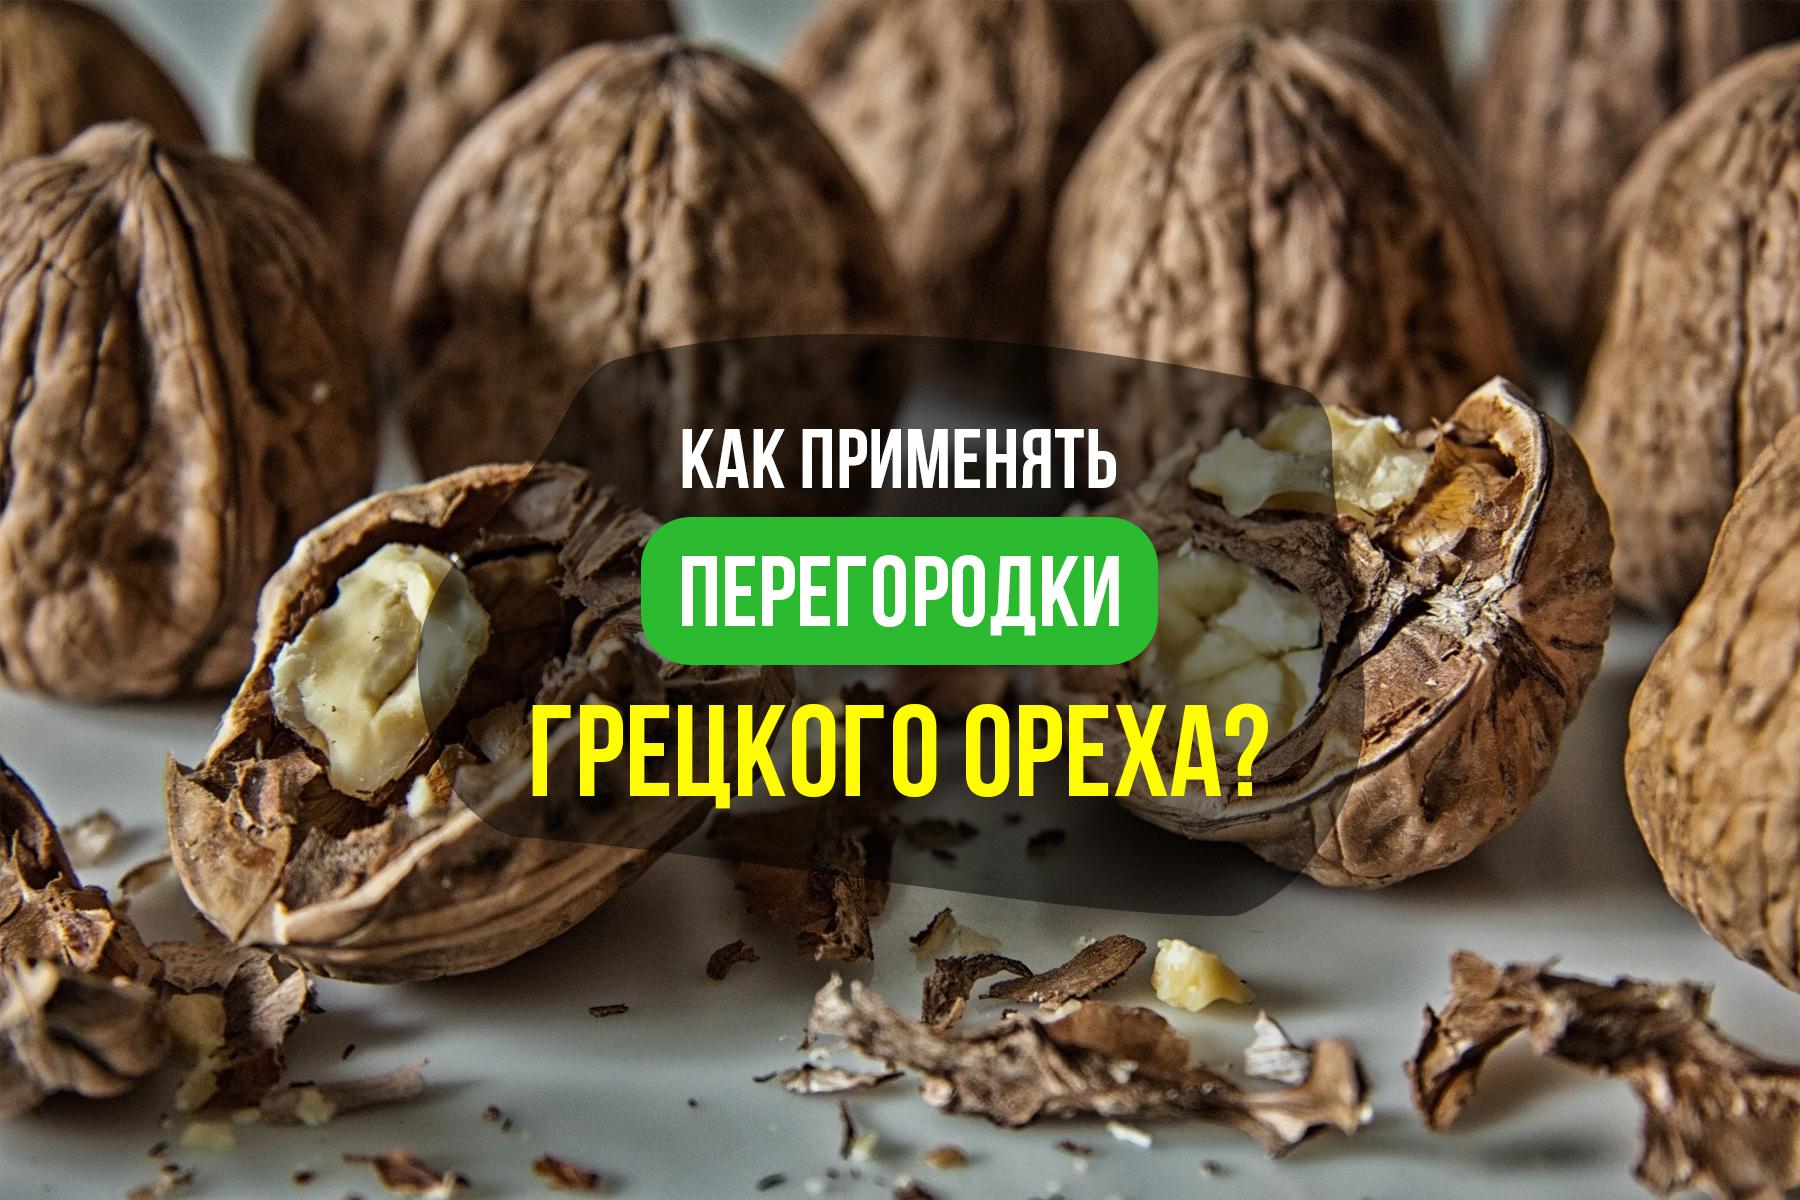 Перегородки грецкого ореха: как применять и для чего используют